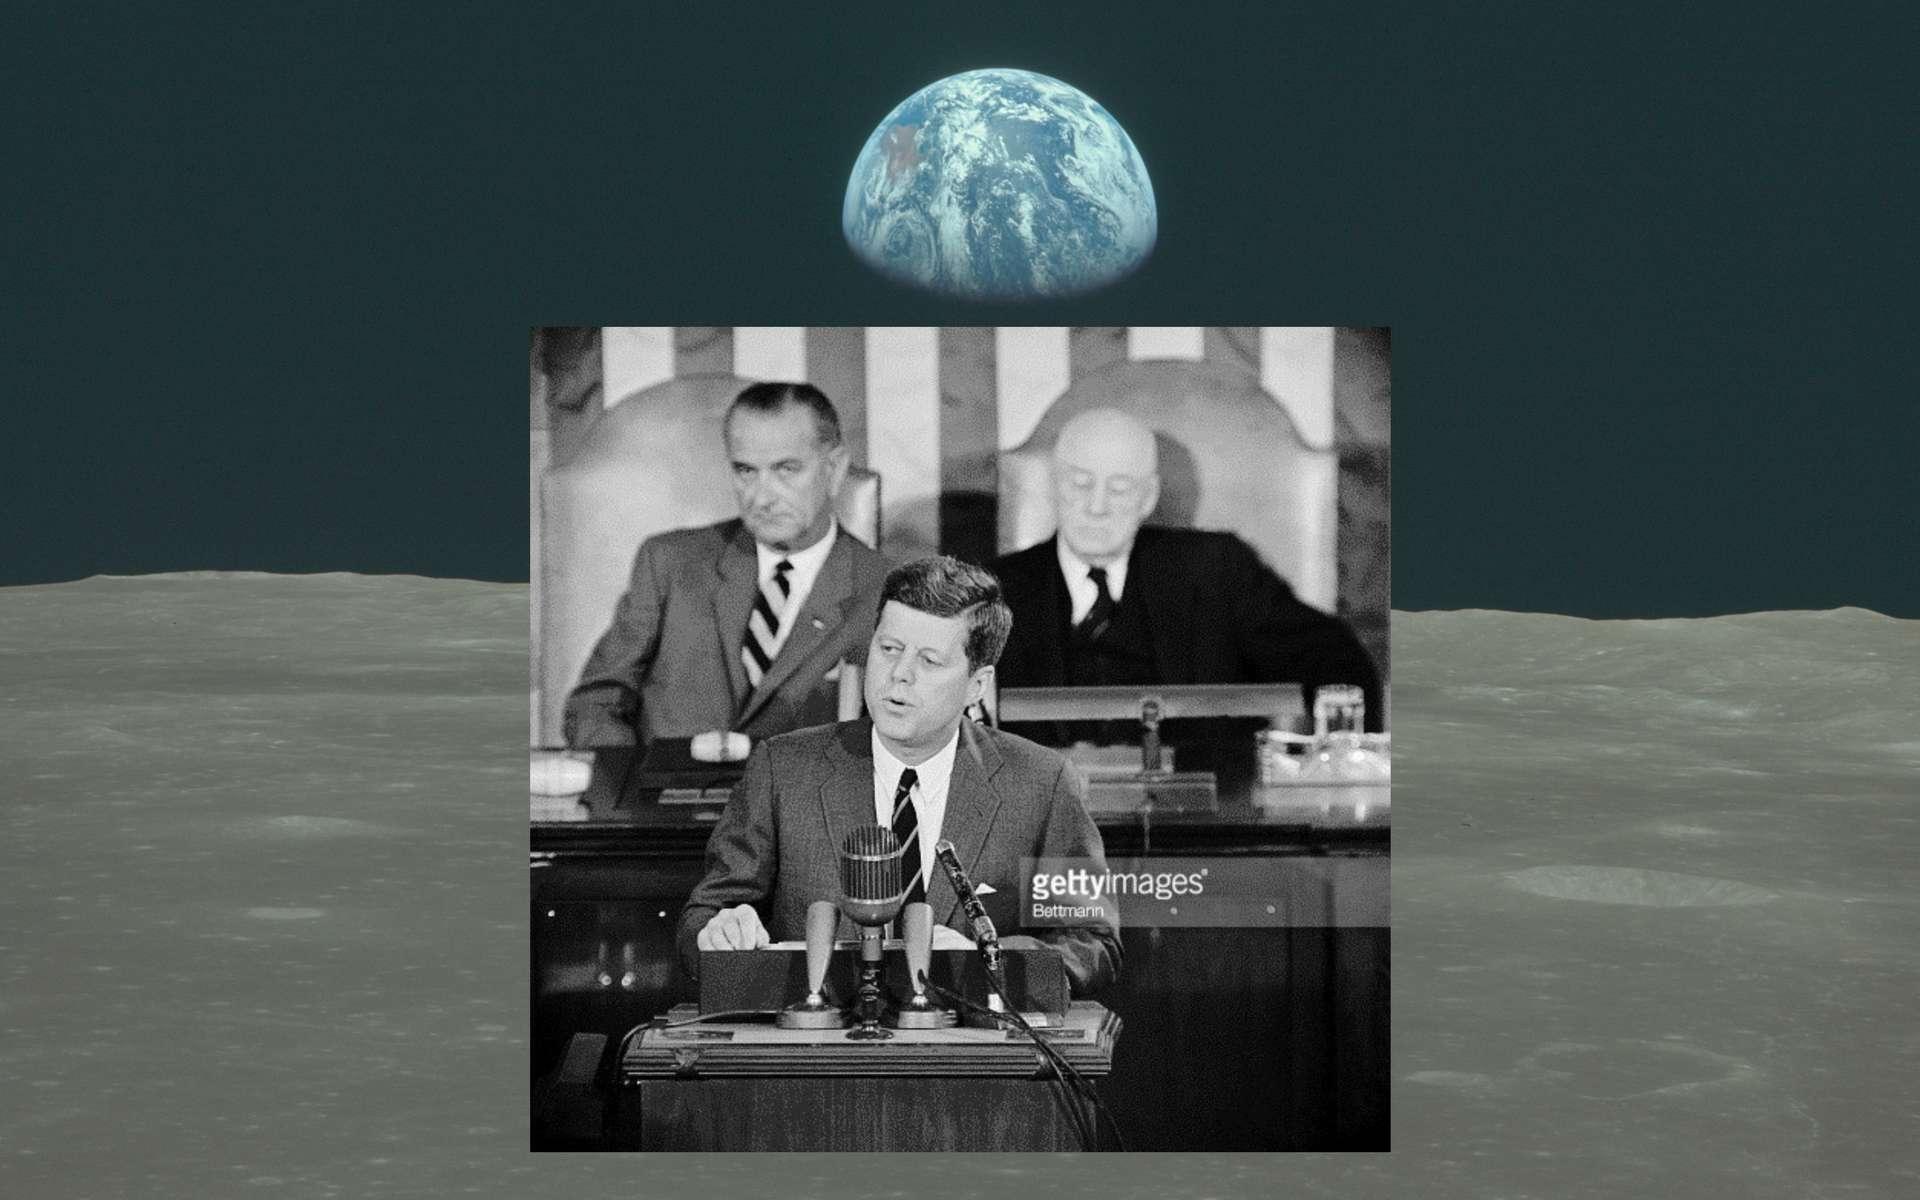 Le président américain John F. Kennedy lors de son discours devant le Congrès le 25 mai 1961. © Nasa